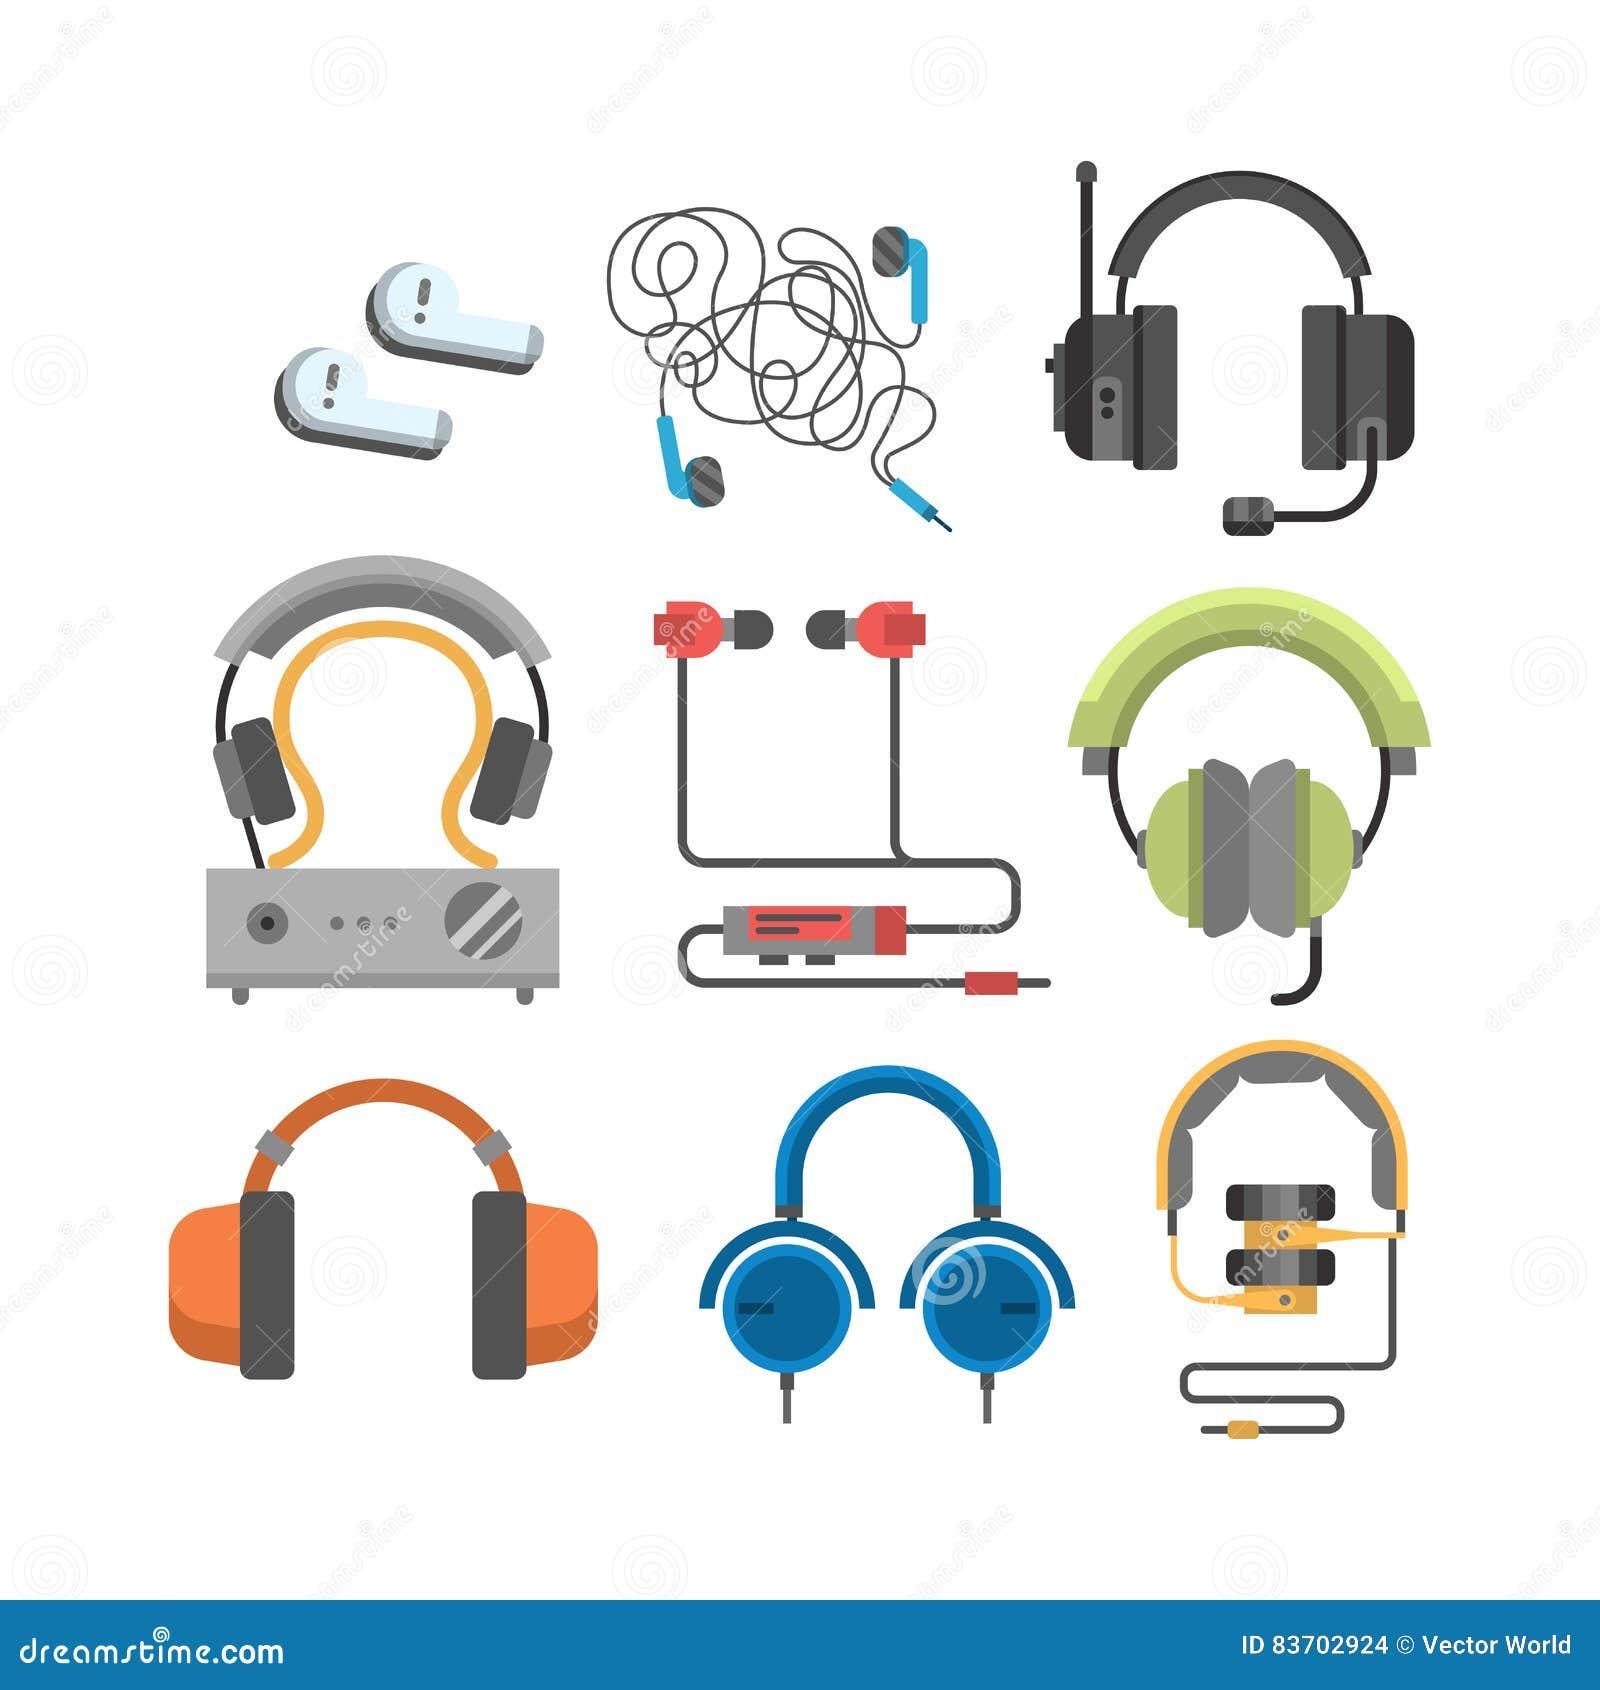 Headphones Vector Set. Stock Vector